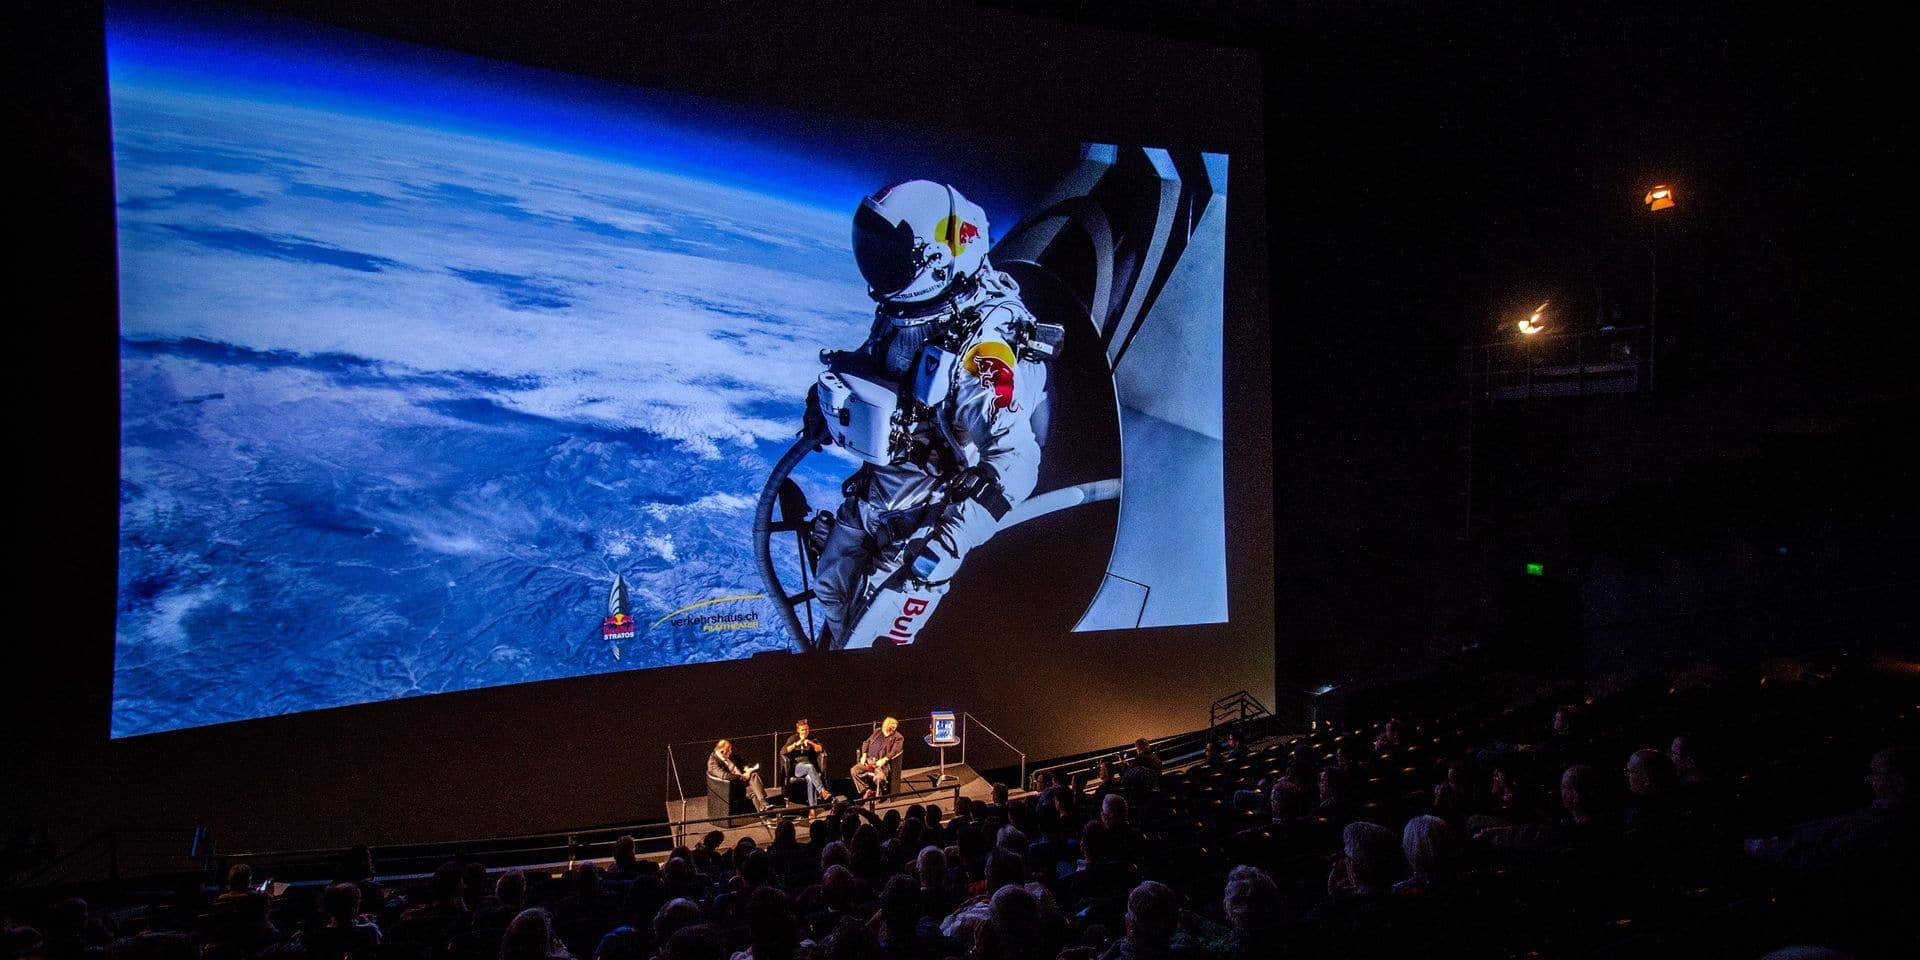 Retour sur le saut stratosphérique de Felix Baumgartner pour les 8 ans de son exploit